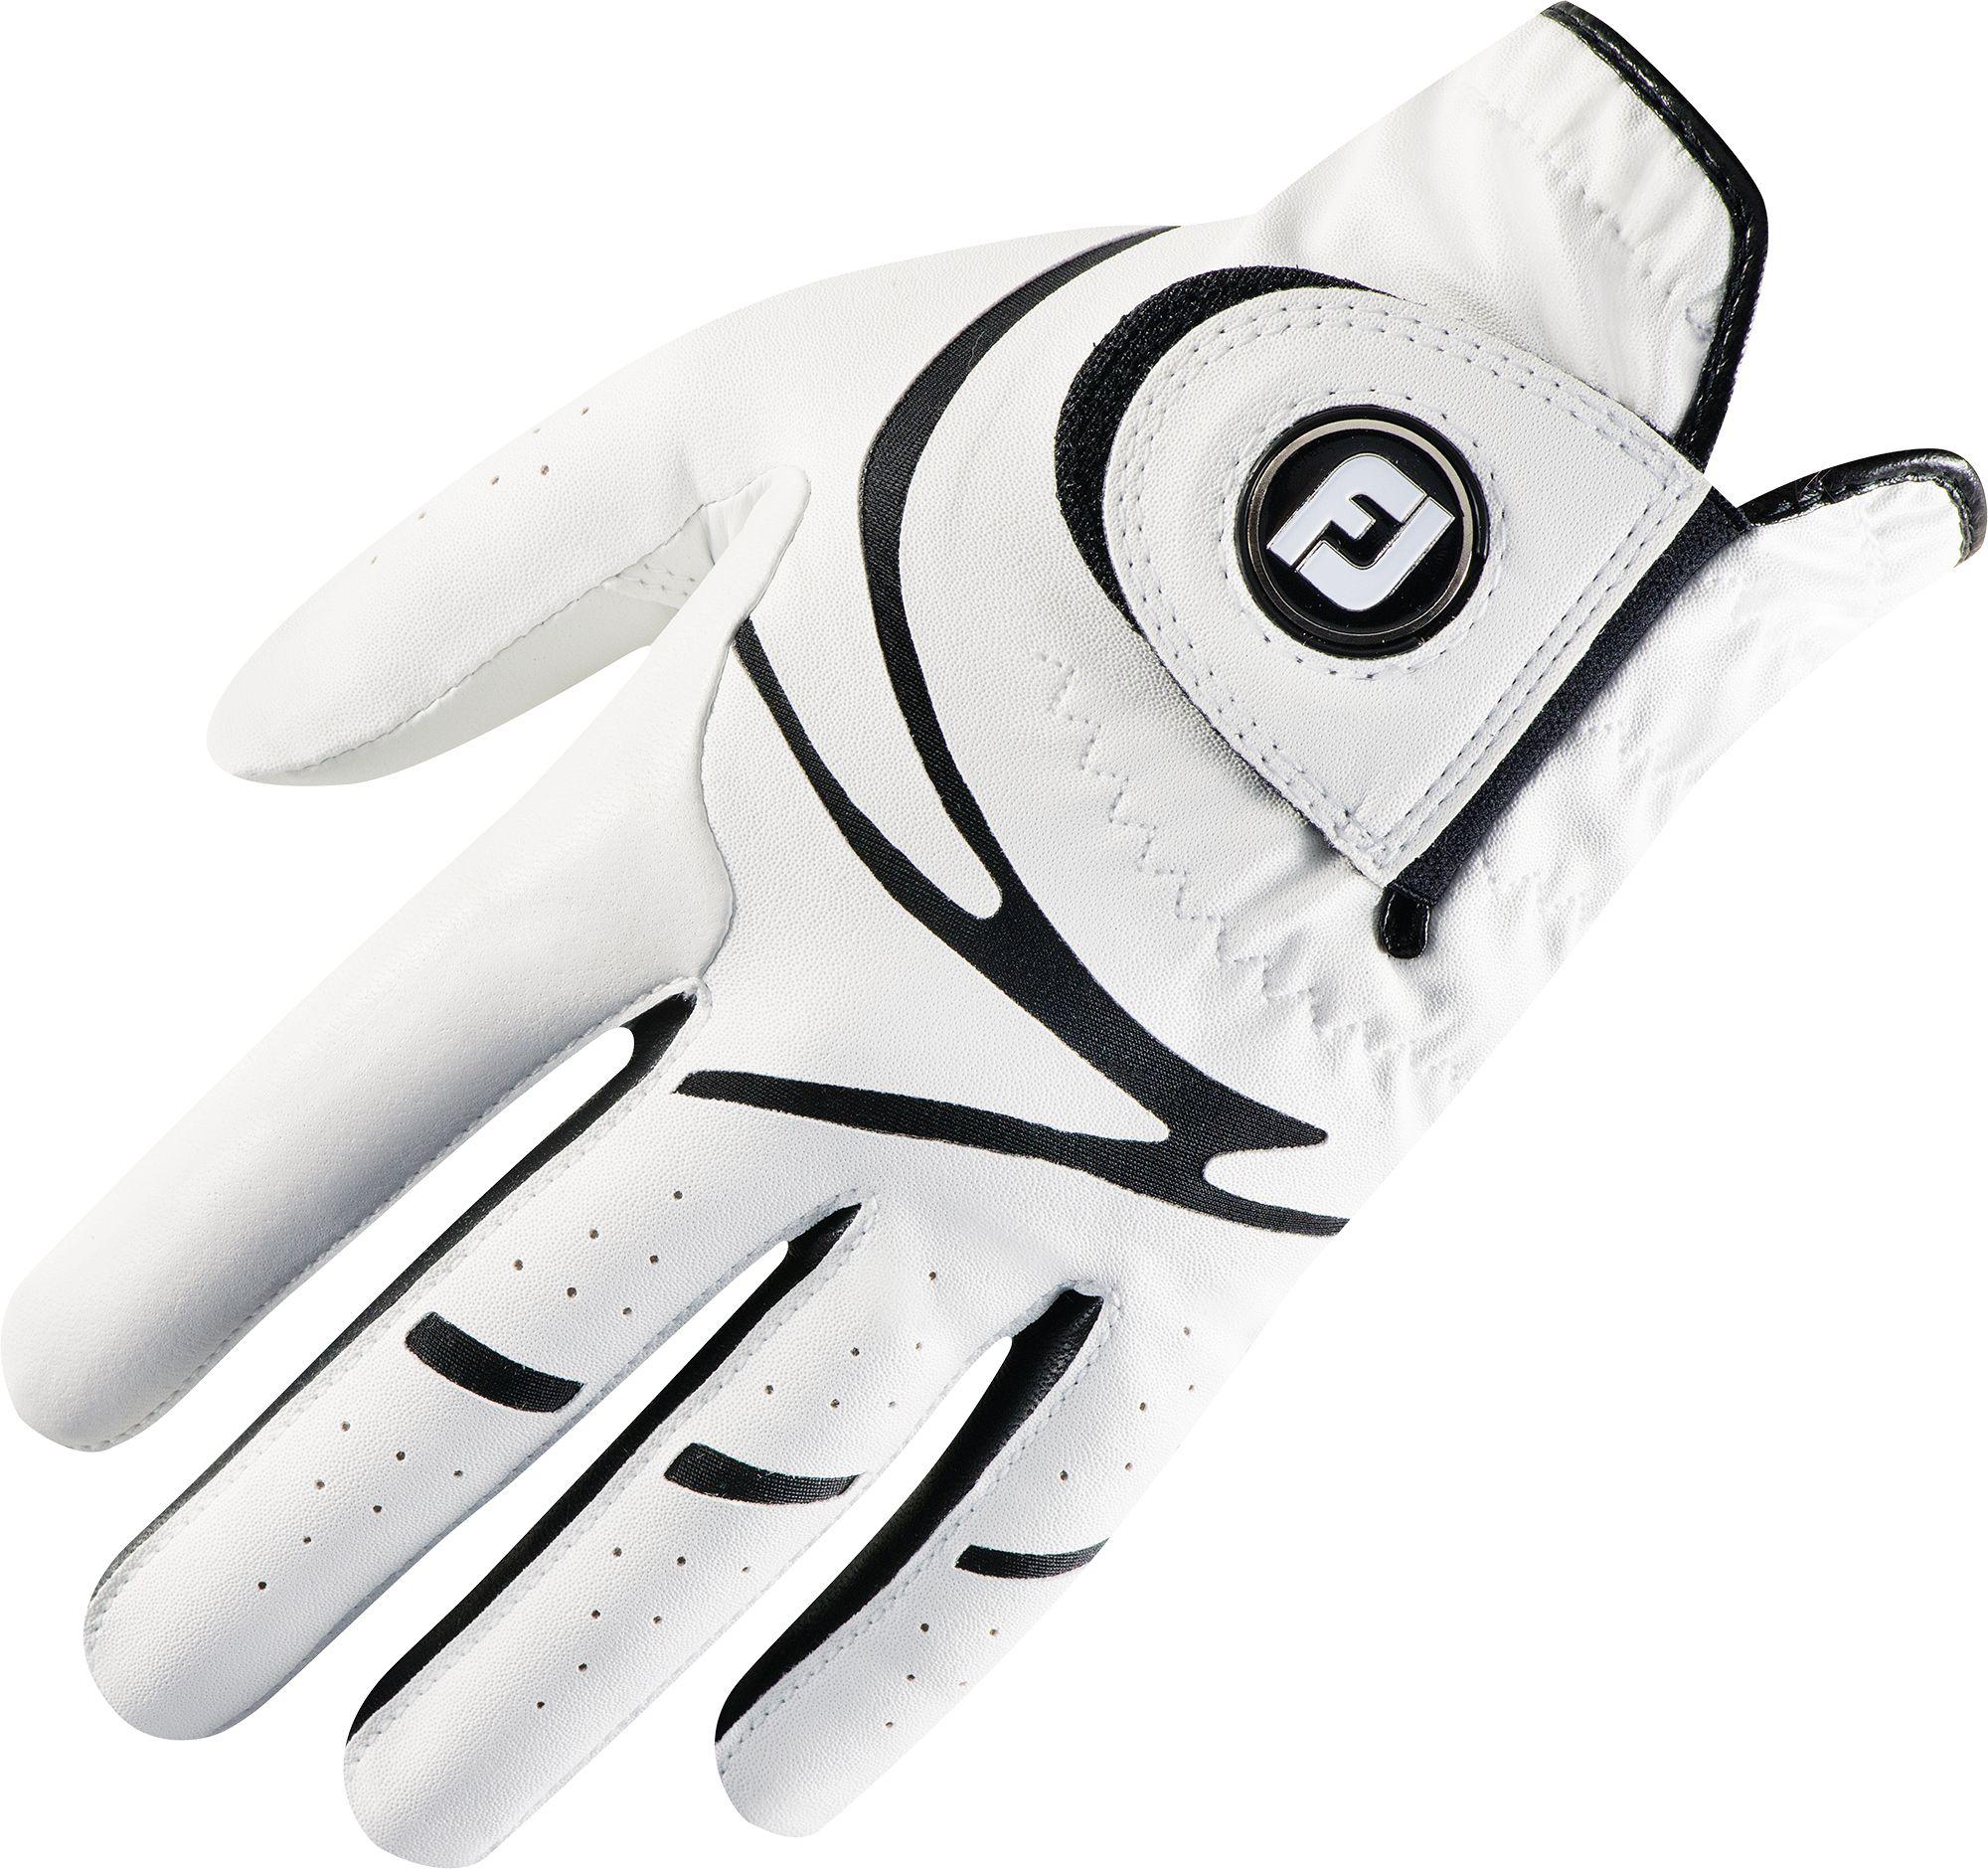 Black leather golf gloves - Noimagefound